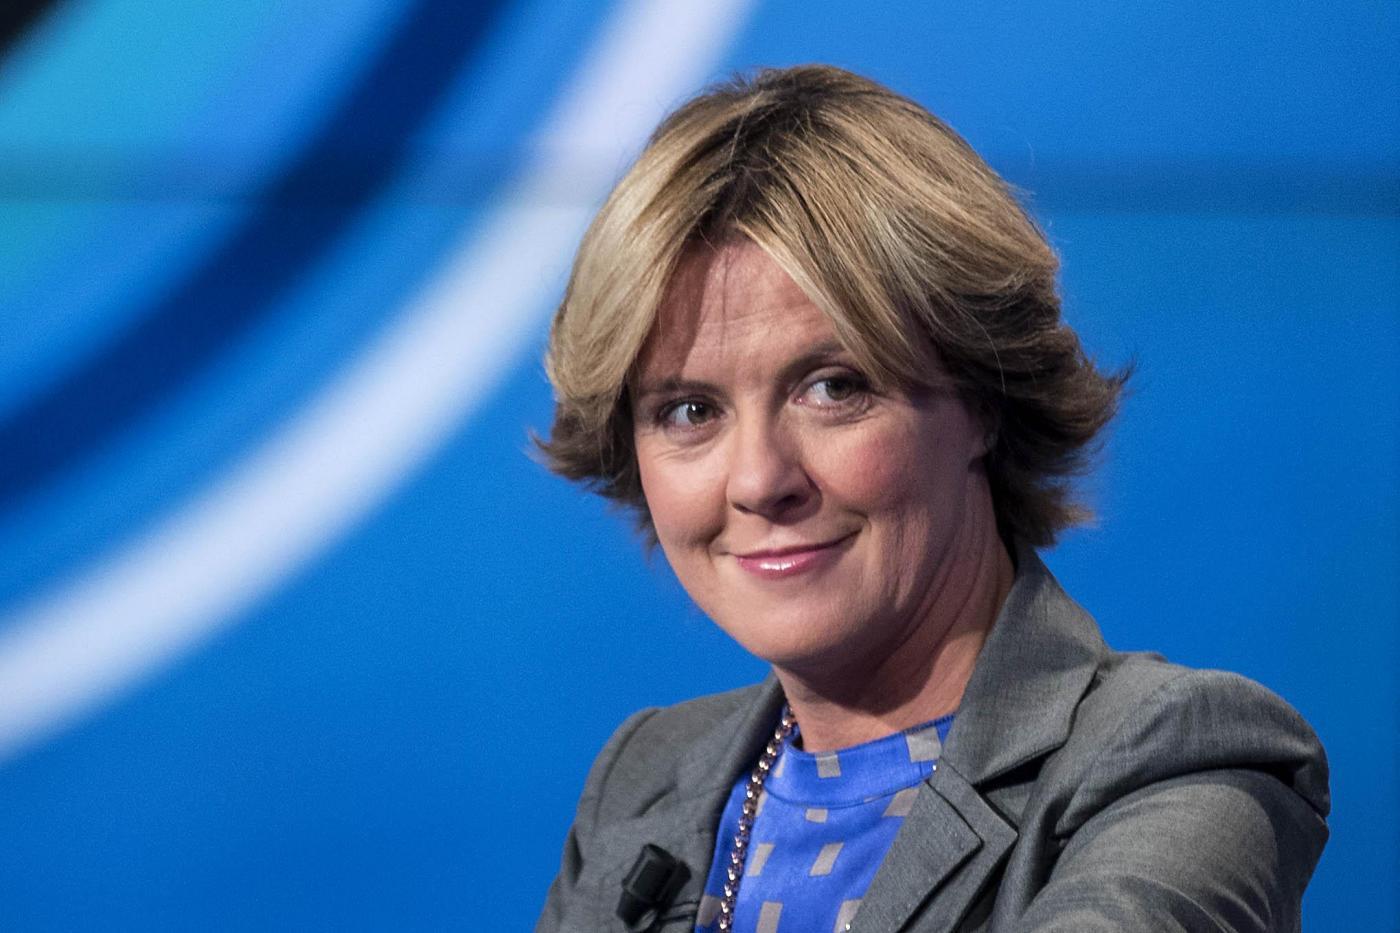 Chi è Beatrice Lorenzin, ministro della Salute del governo Gentiloni